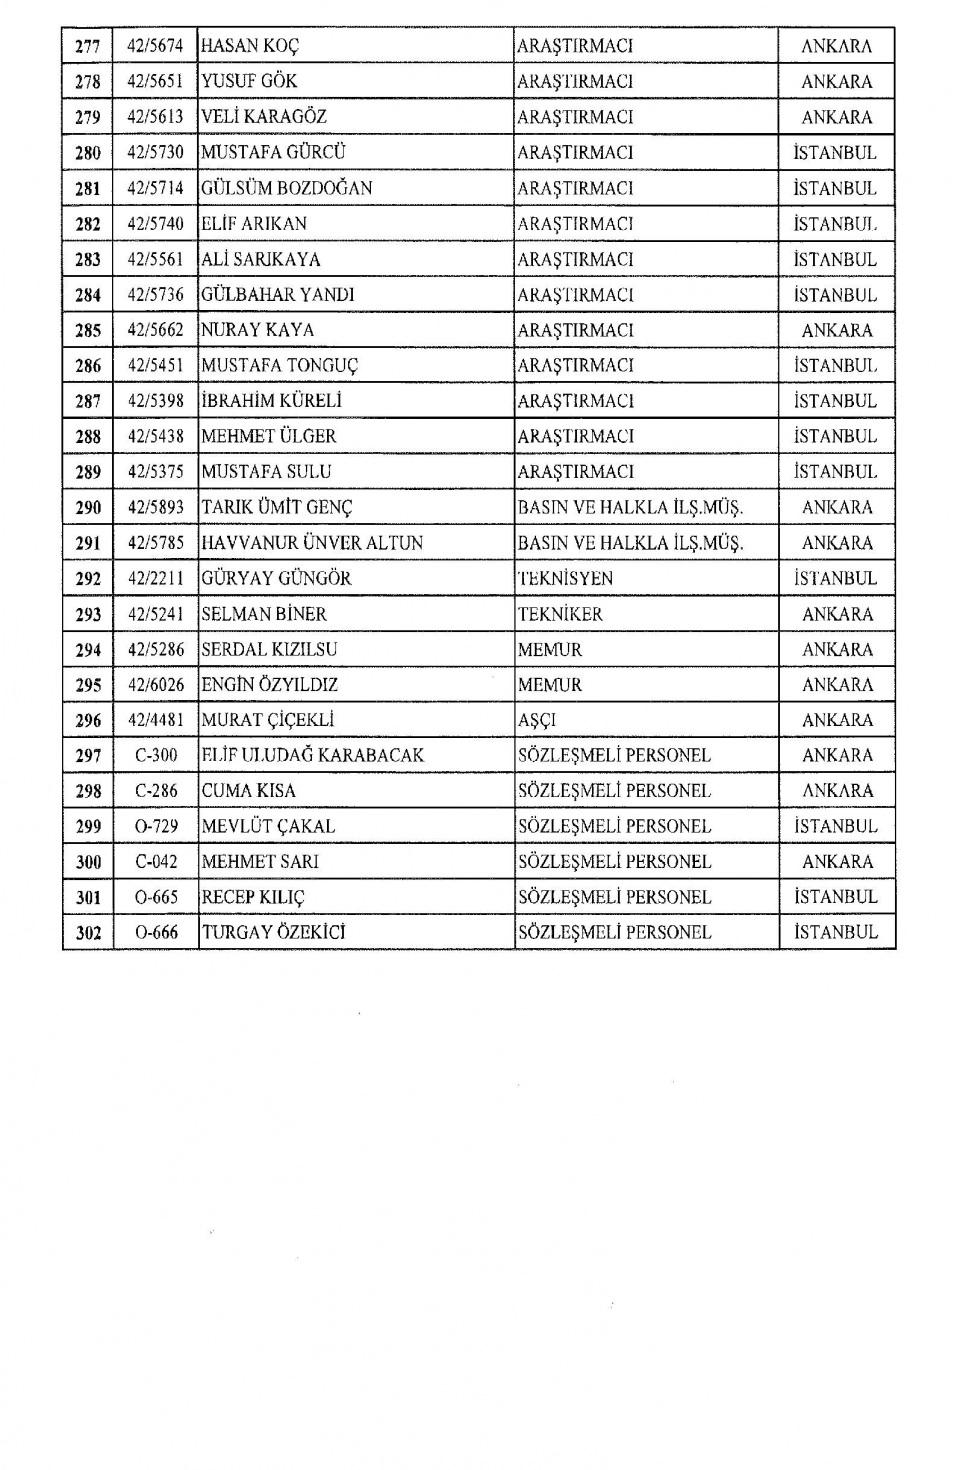 İşte kamuda ihraç edilenlerin tam listesi 13